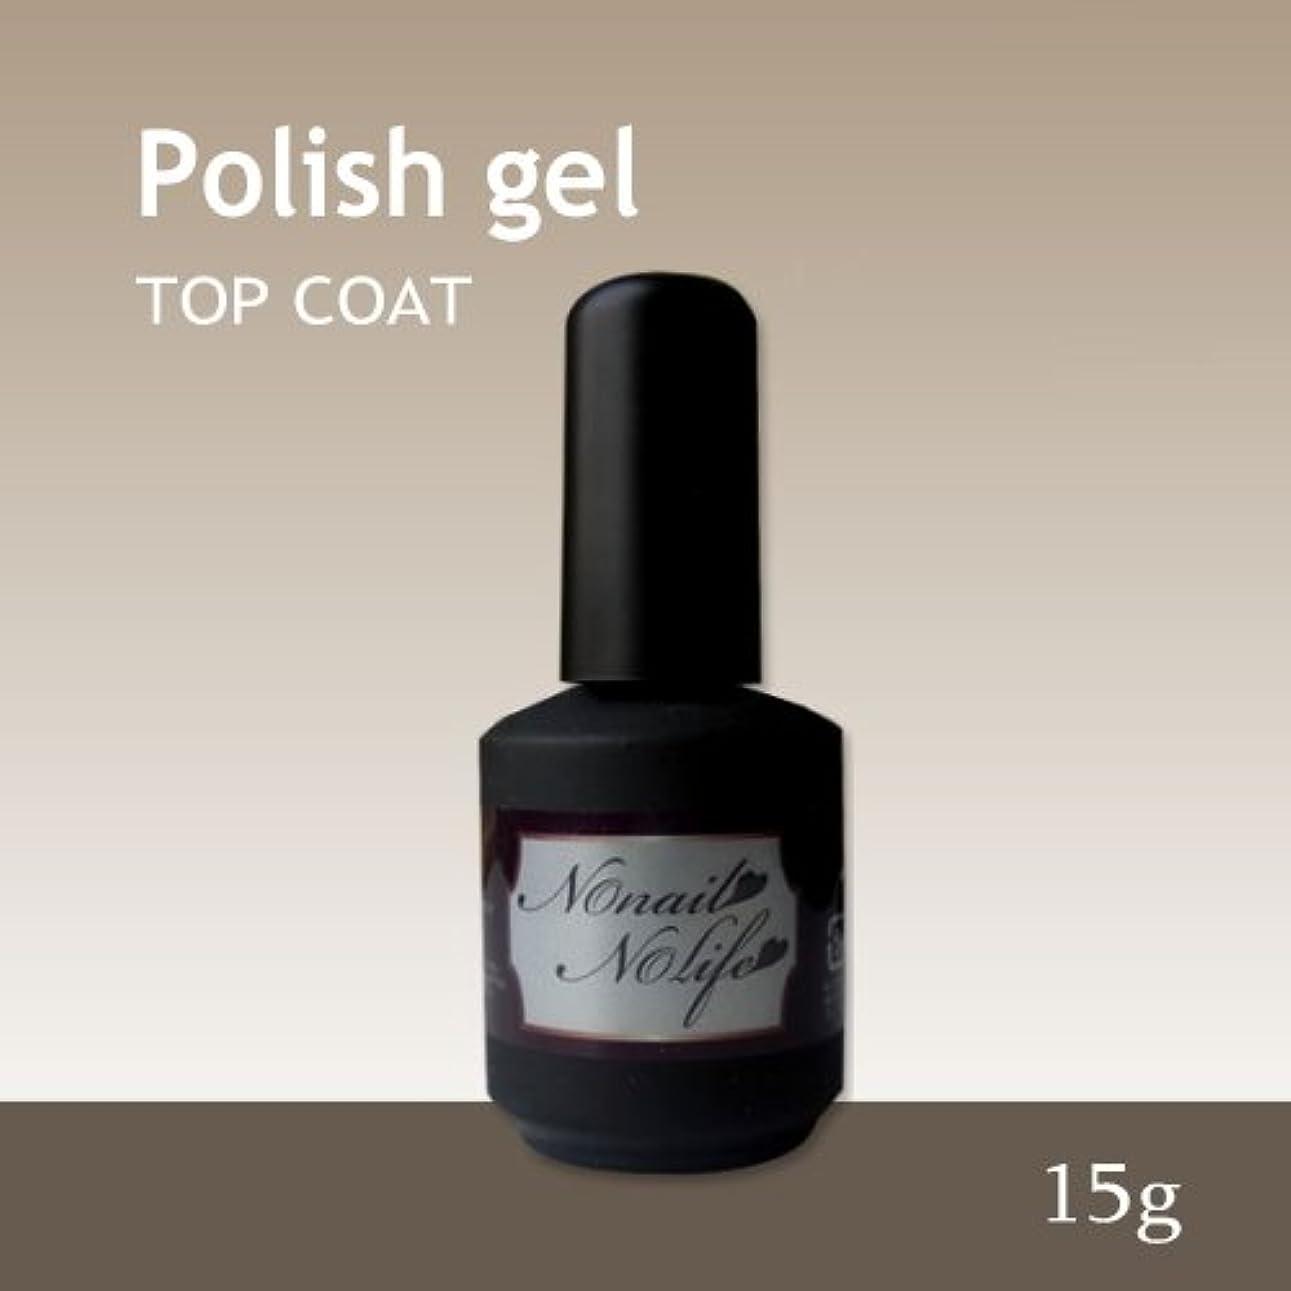 悪の周り代わりにジェルネイル《爪に優しいトップコートジェル》Natural Polish ポリッシュトップジェル(15g)